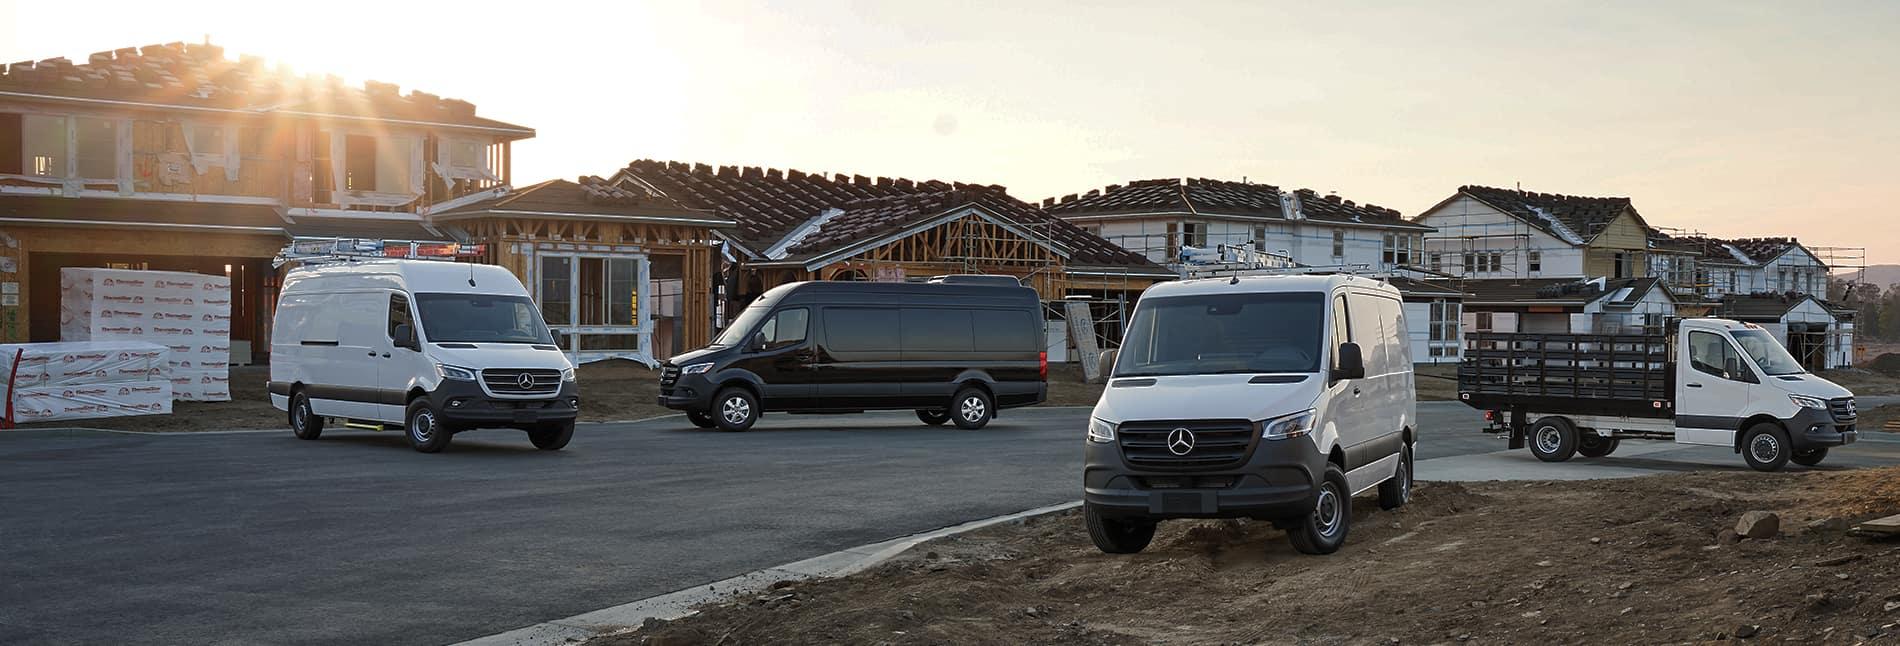 970c1f1742 Mercedes-Benz Vans Fleet Solutions For Your Business